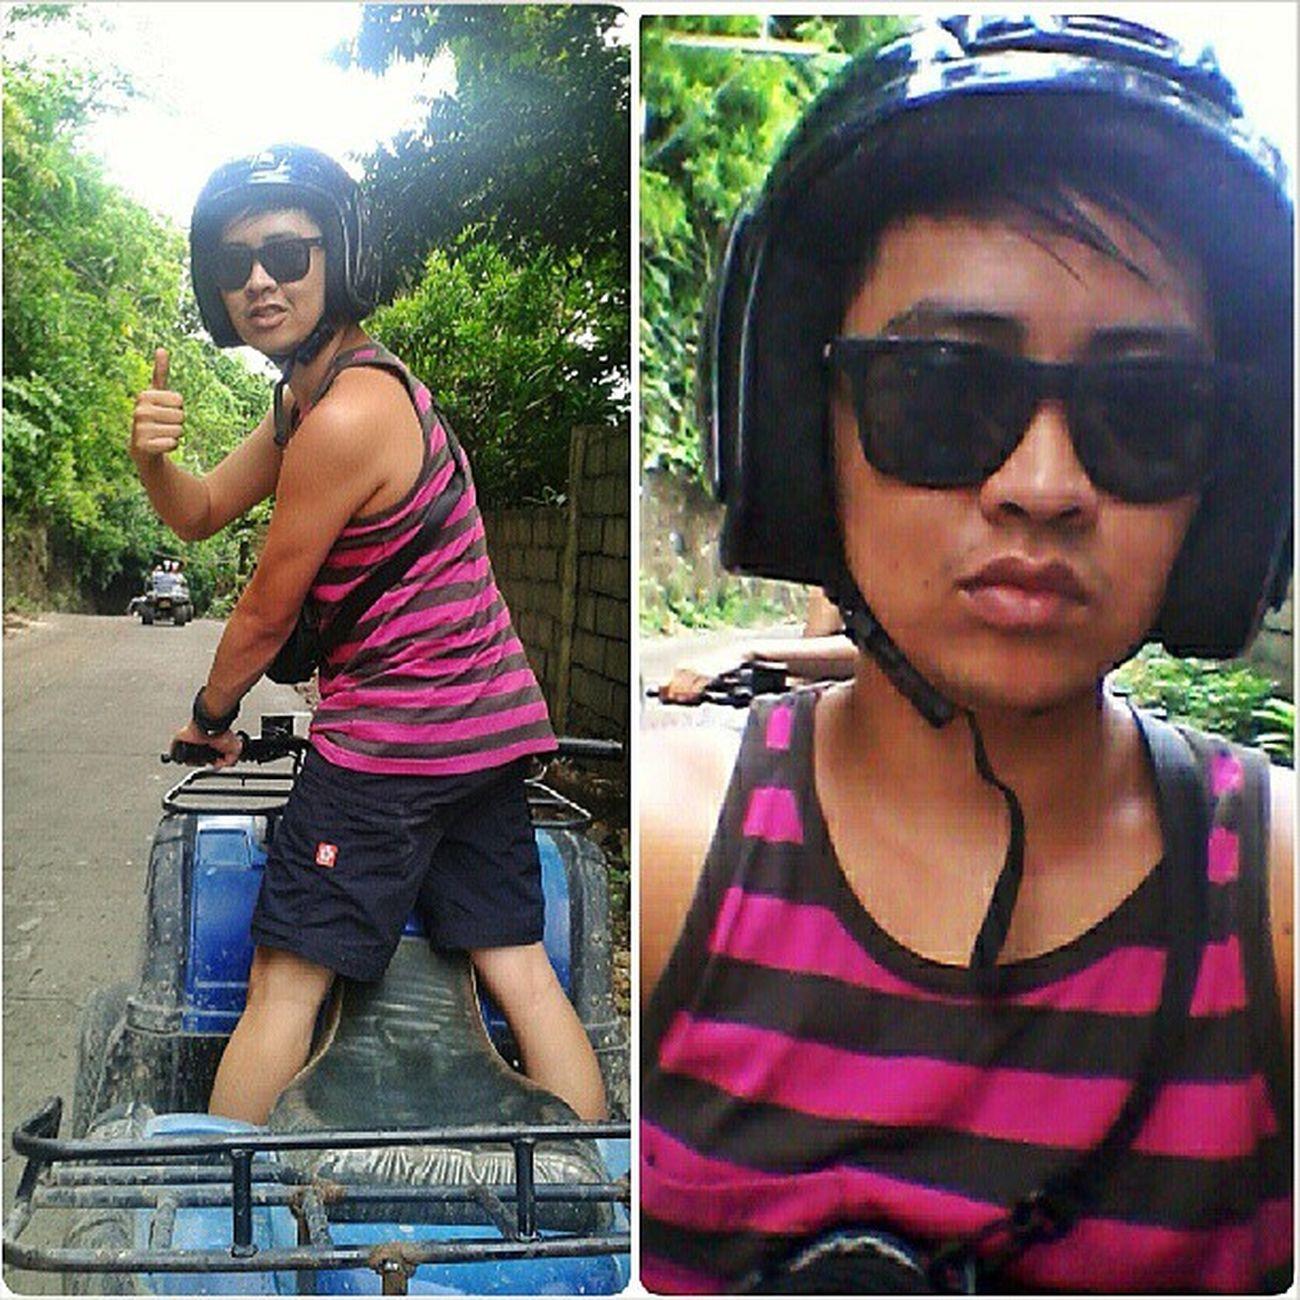 ATV. Nognog Dreamlandthemepark Boracay